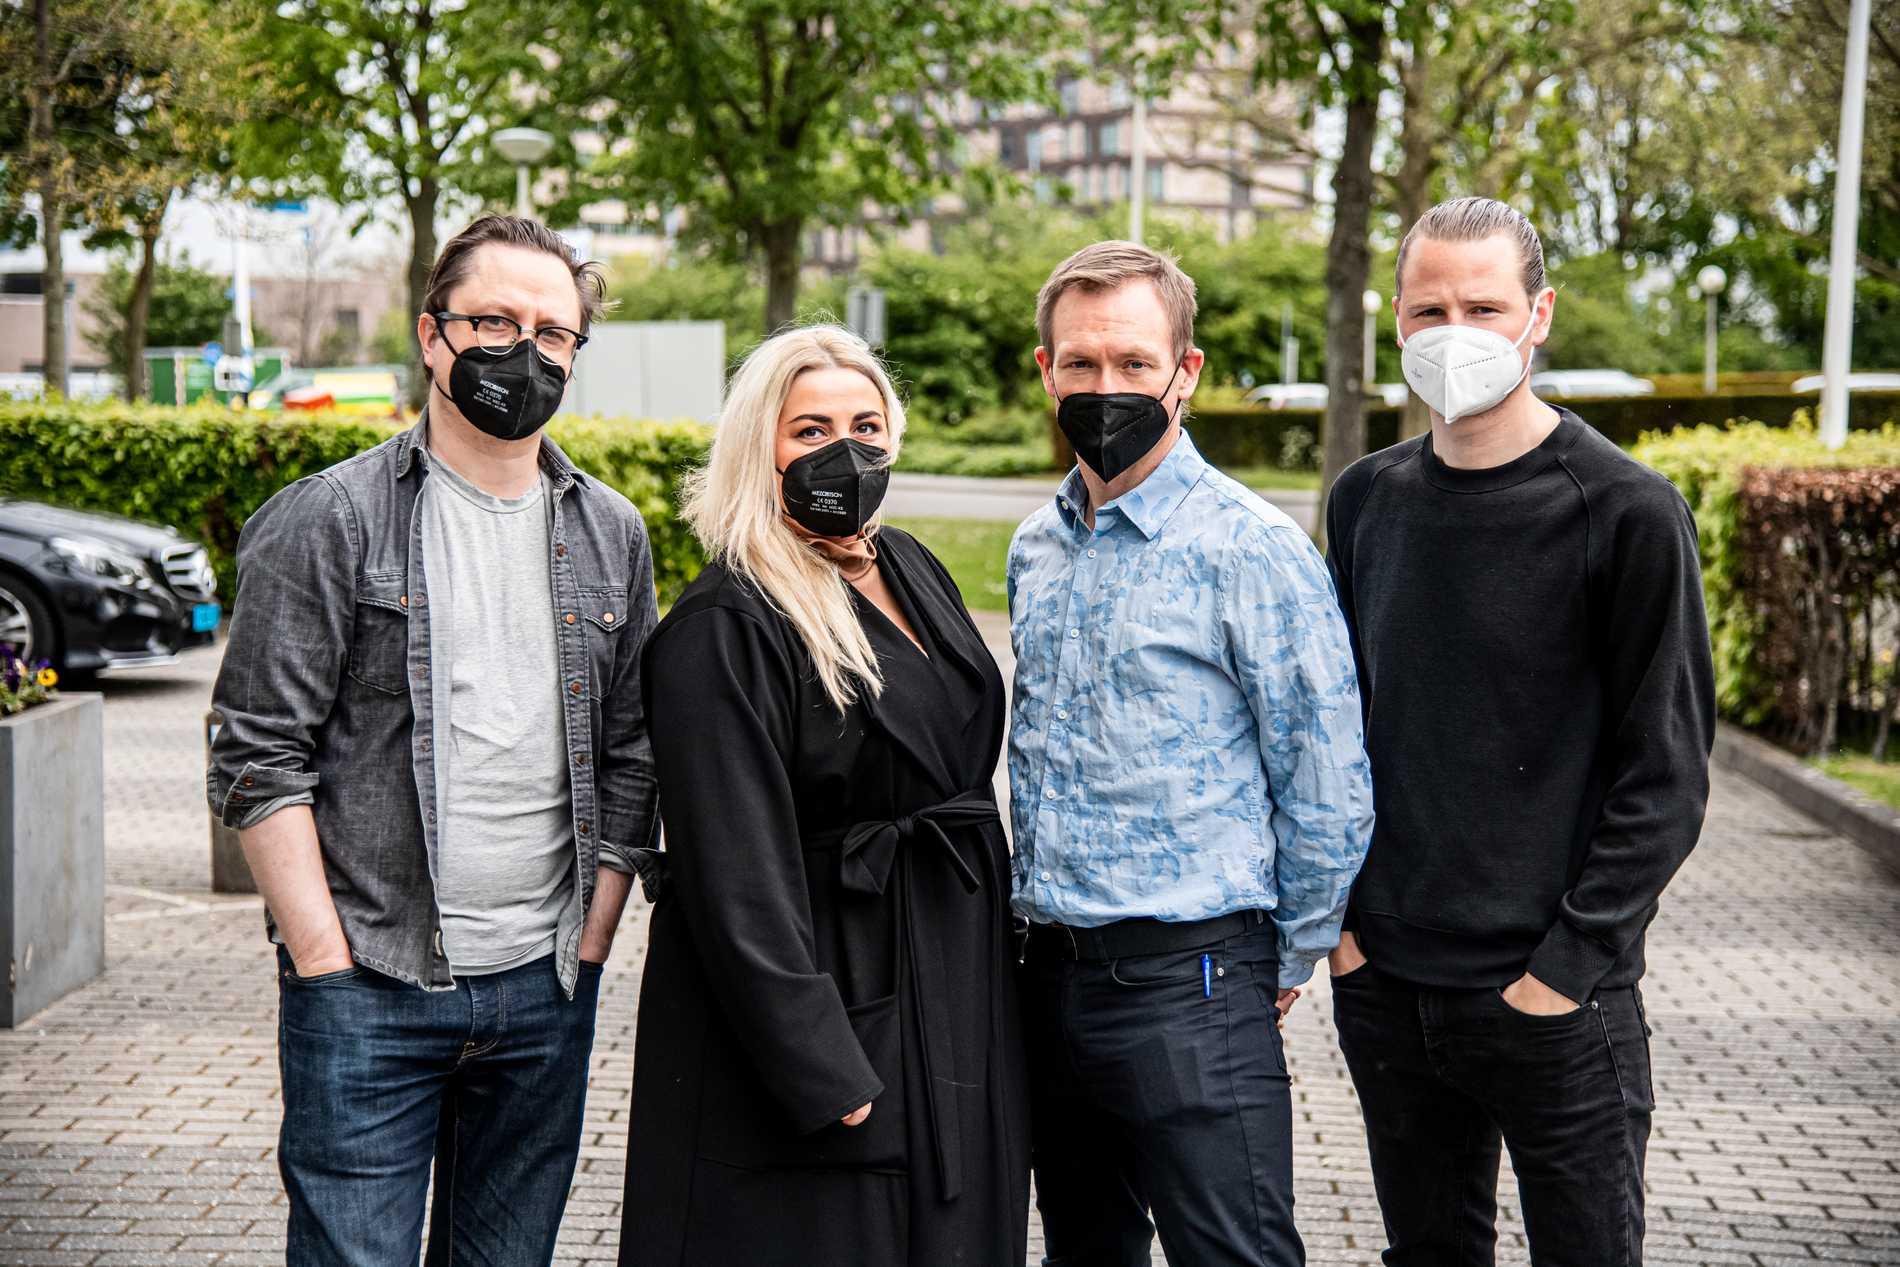 Aftonbladets team på plats i Rotterdam: Markus Larsson, Natalie Demirian, Torbjörn Ek och Robin Lorentz-Allard.